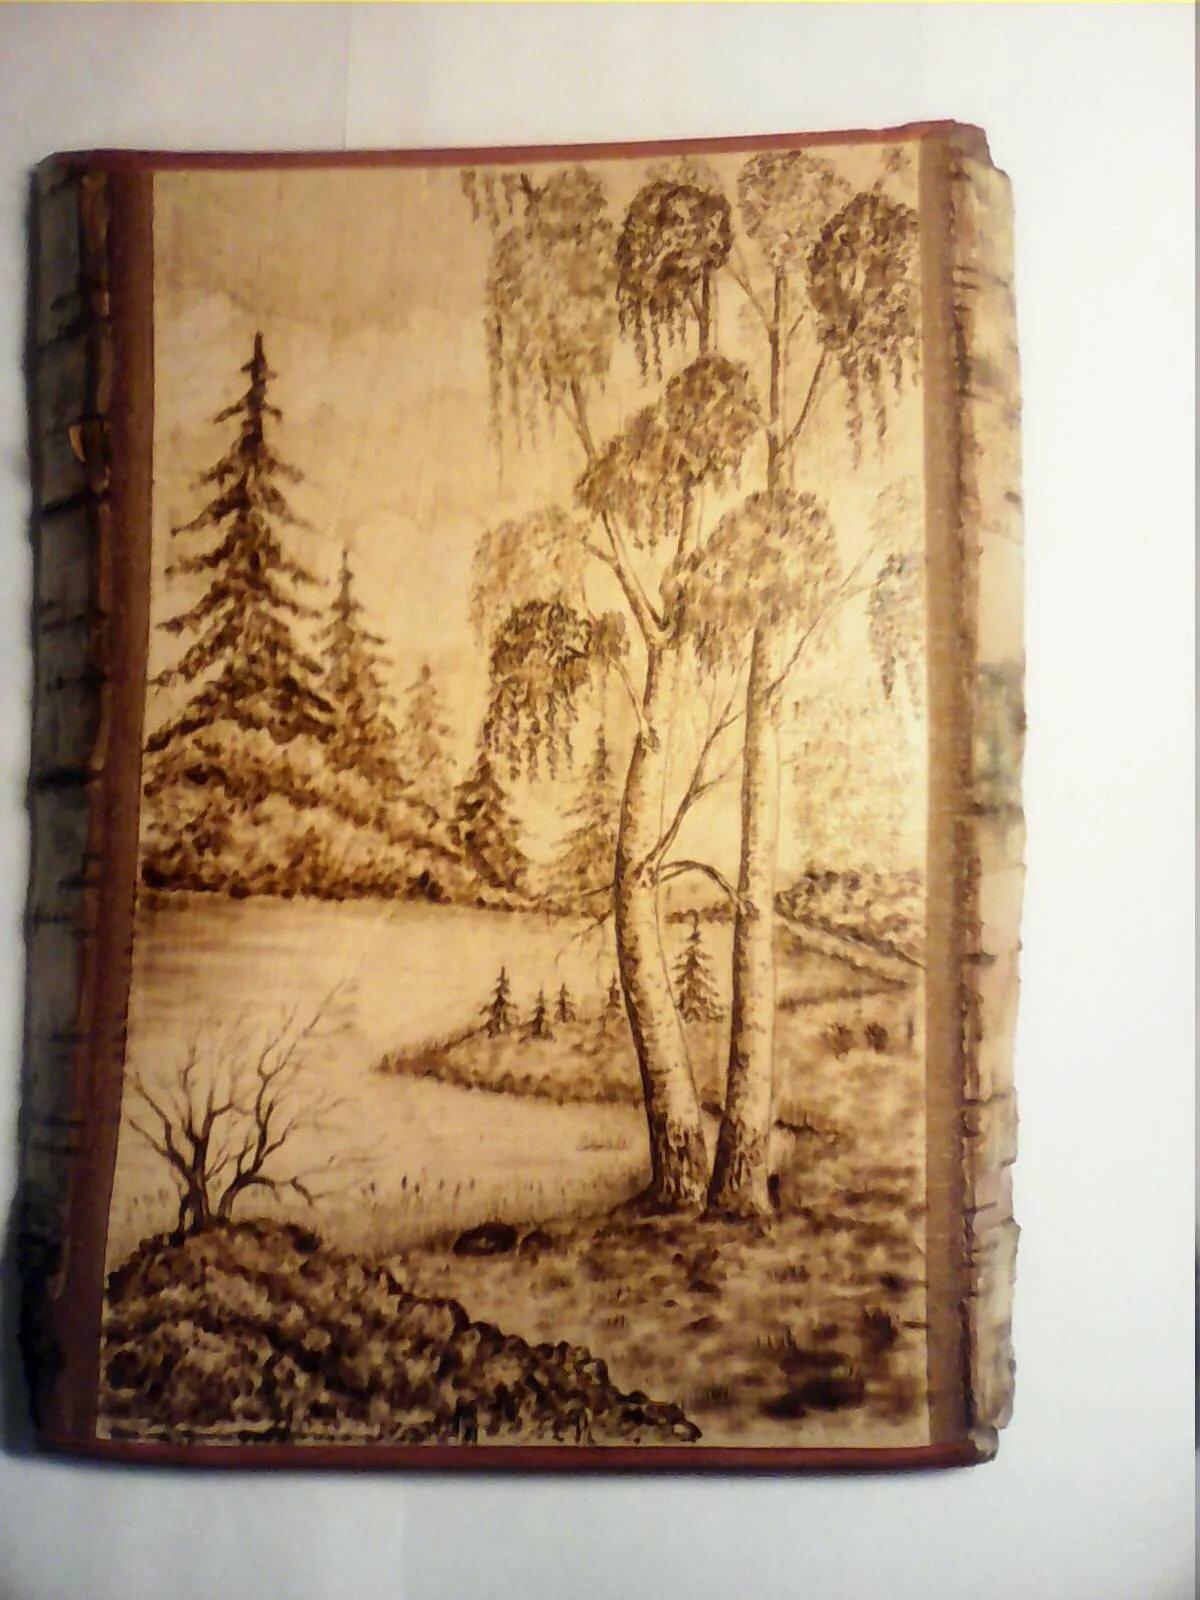 бехати лес картинки для выжигания по дереву для строительстве фундаментов форта